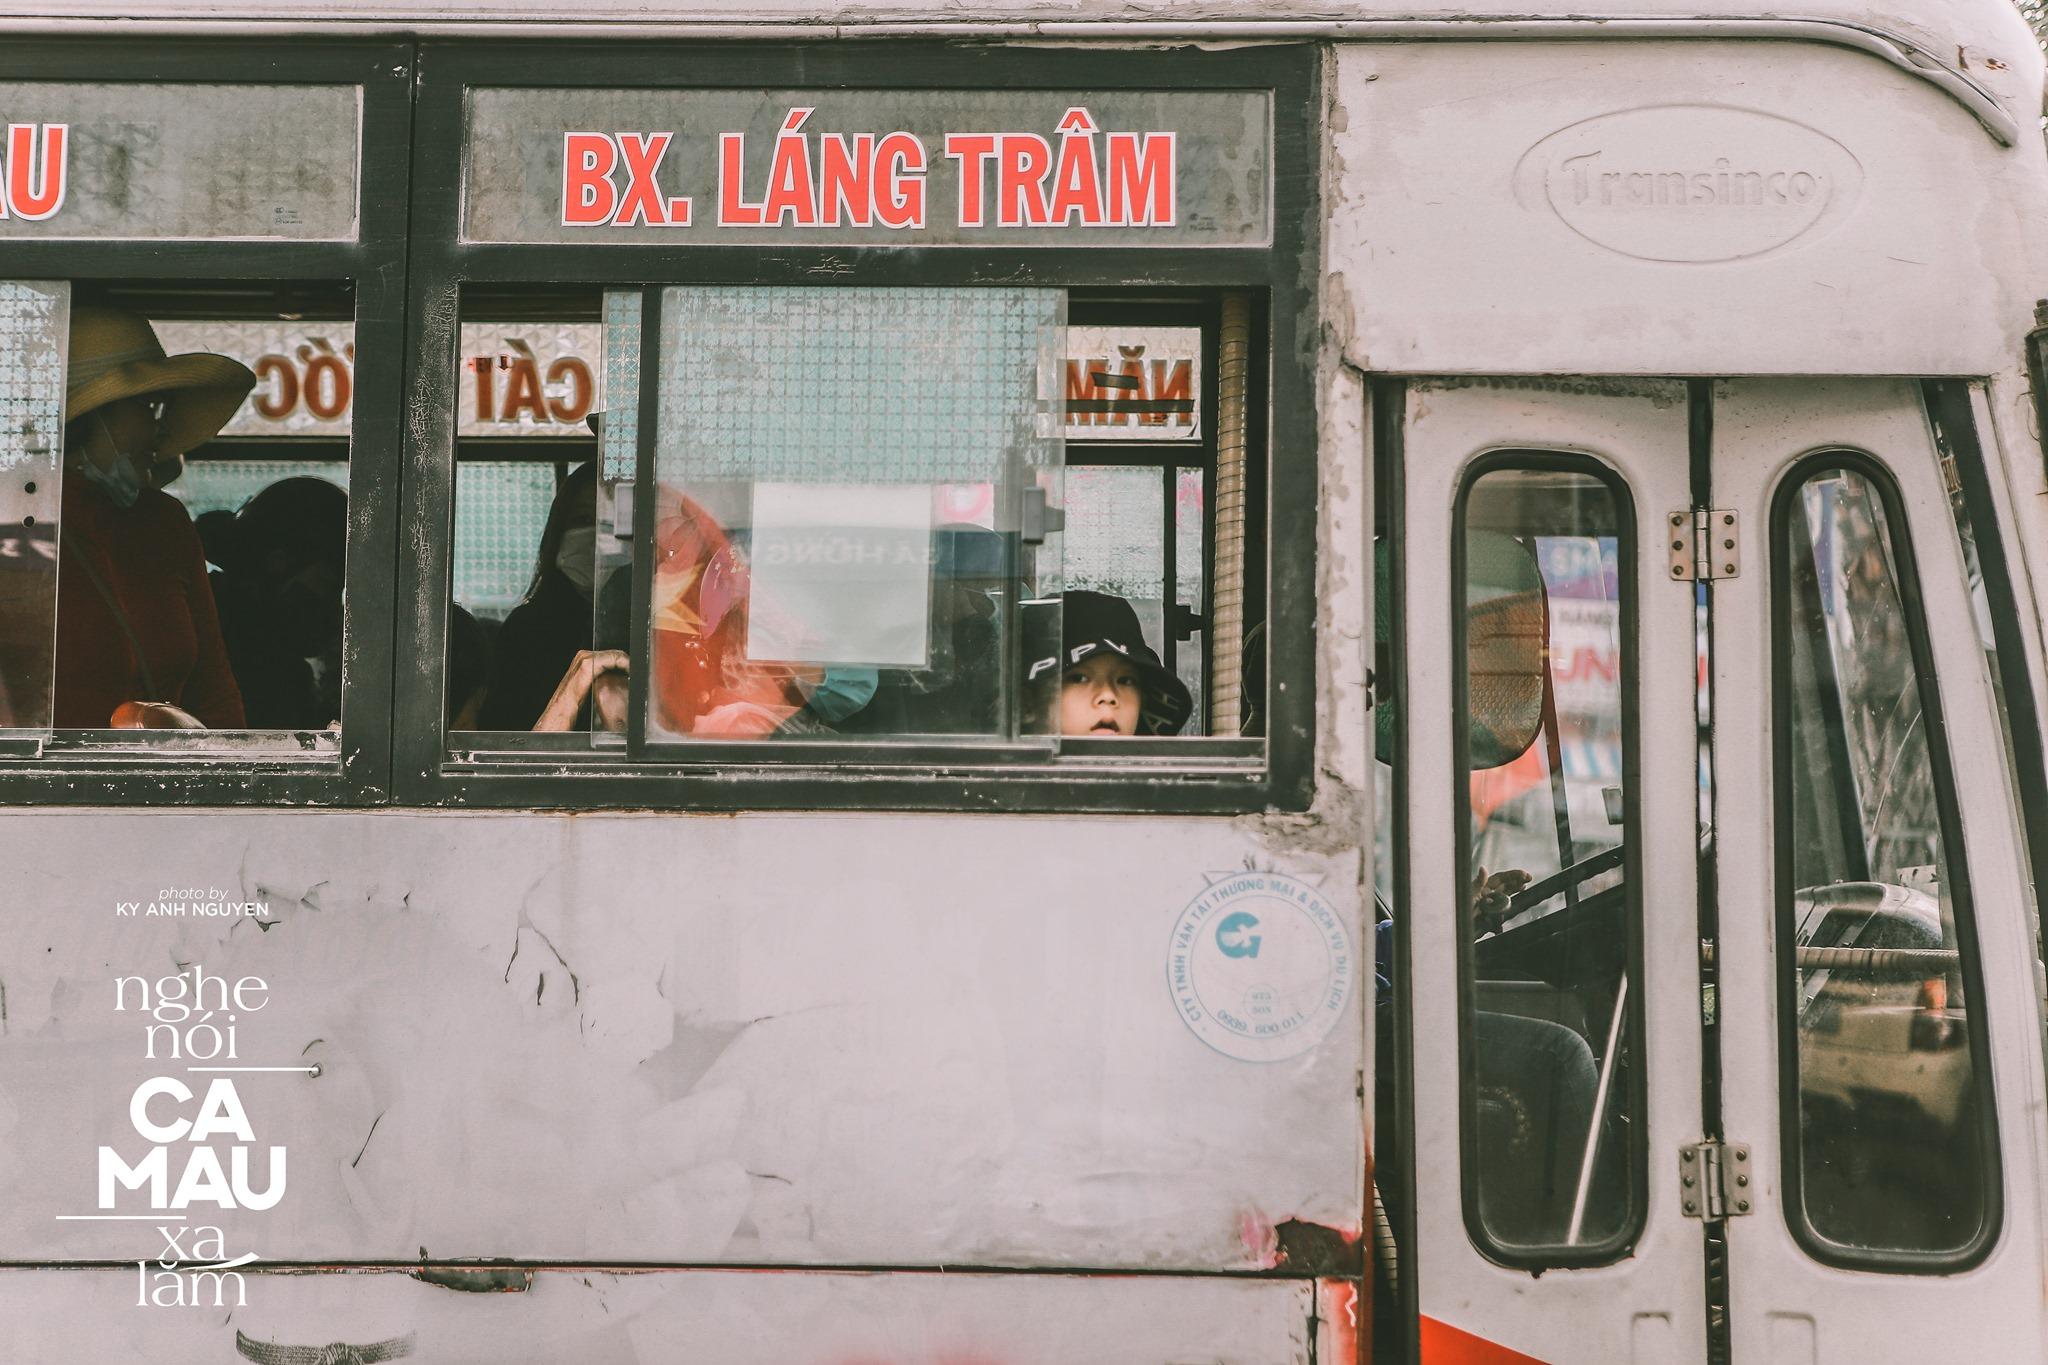 Chiếc xe bus tuổi thơ của những bạn nhỏ Cà Mau